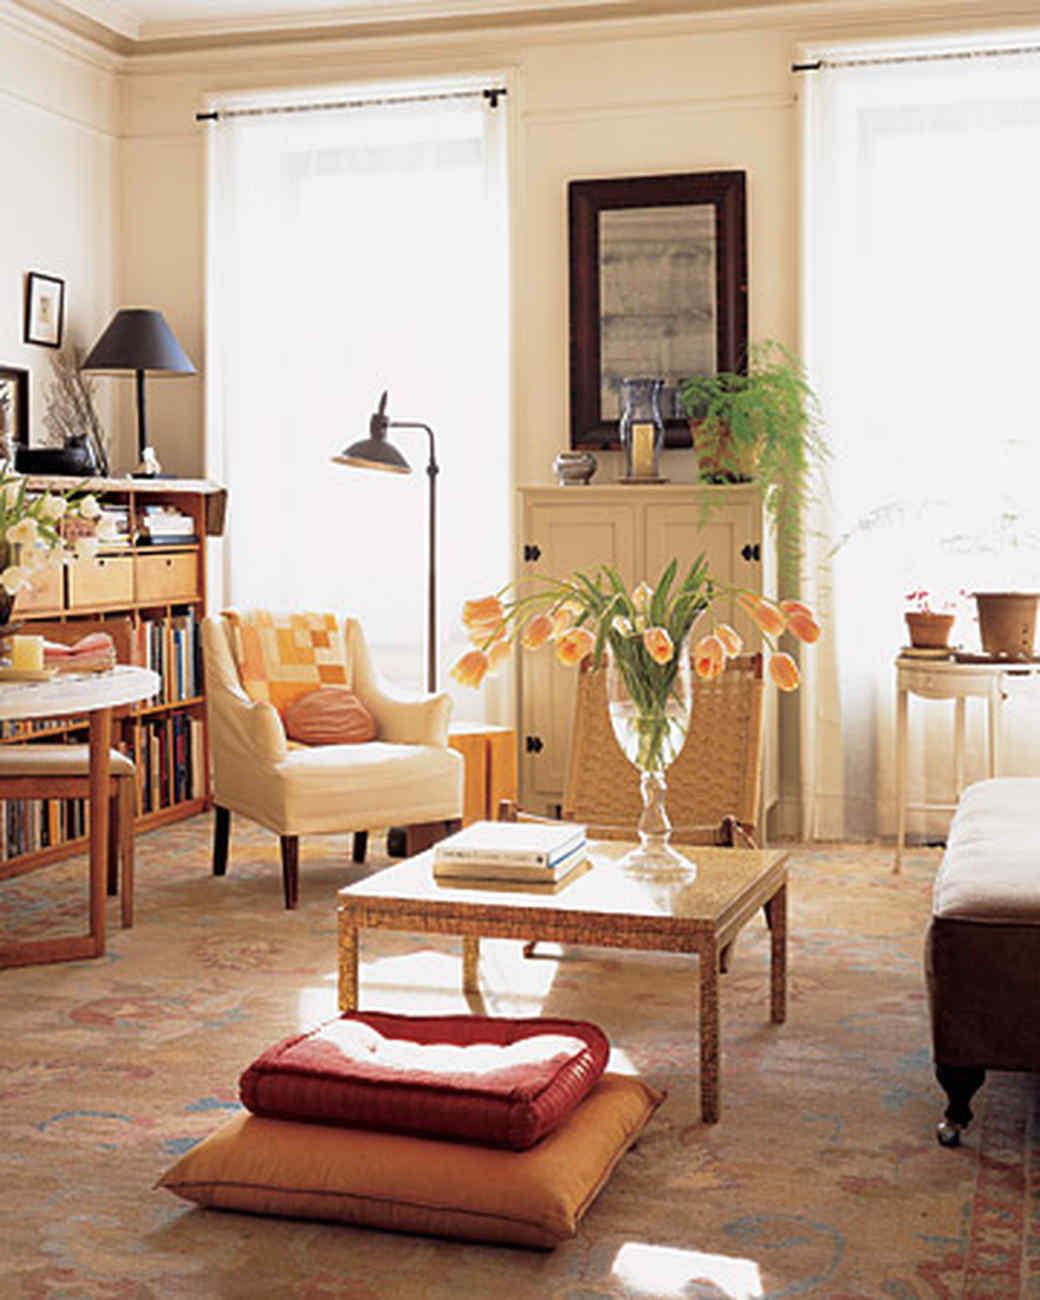 Gentil The Living Room